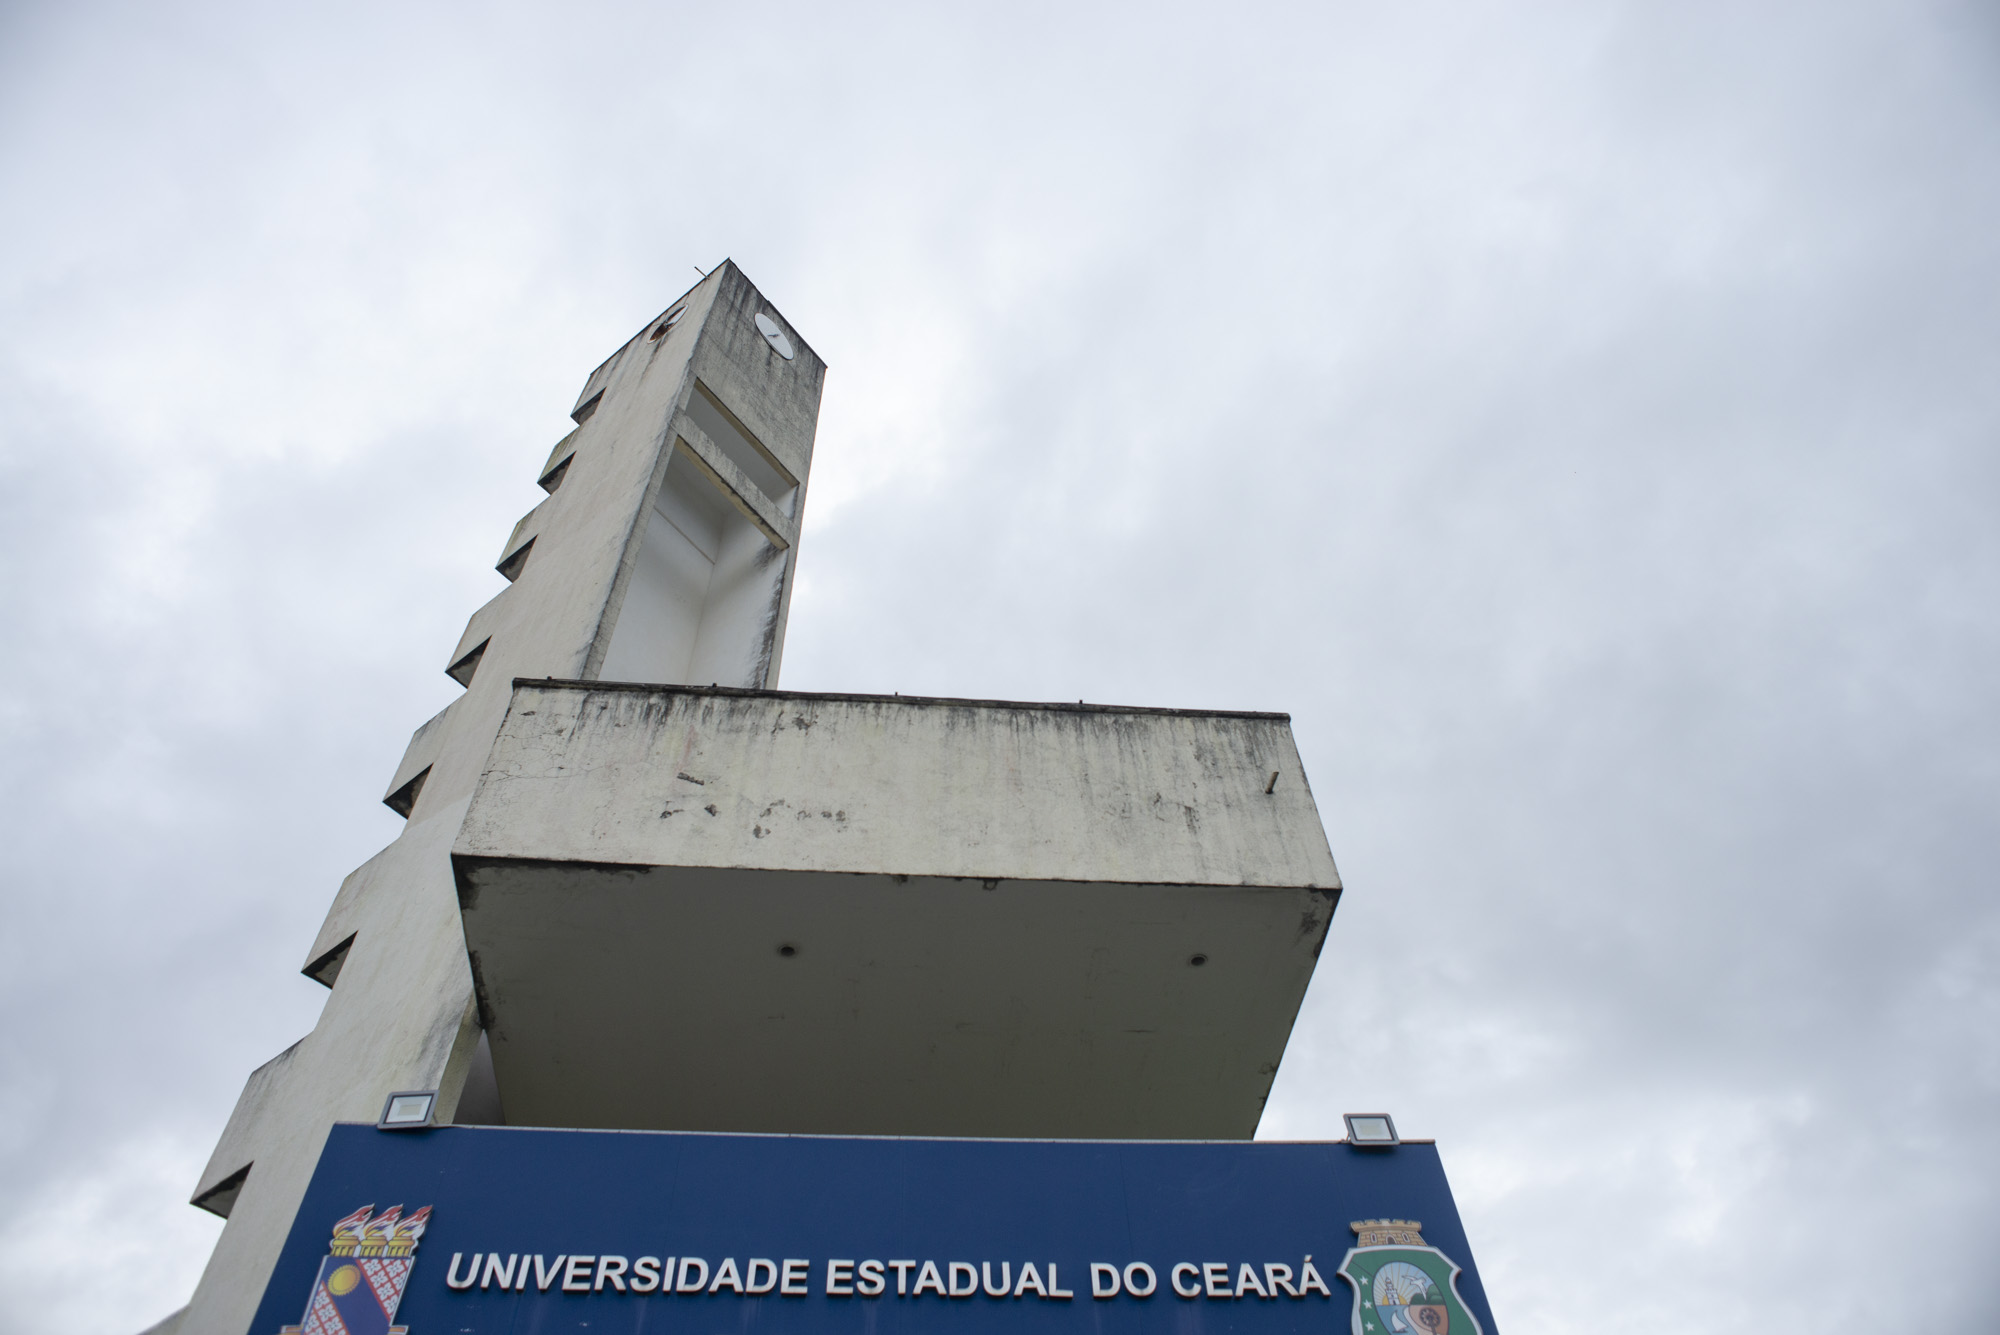 Uece abre inscrições para 1ª turma do Curso Intermediário de Libras